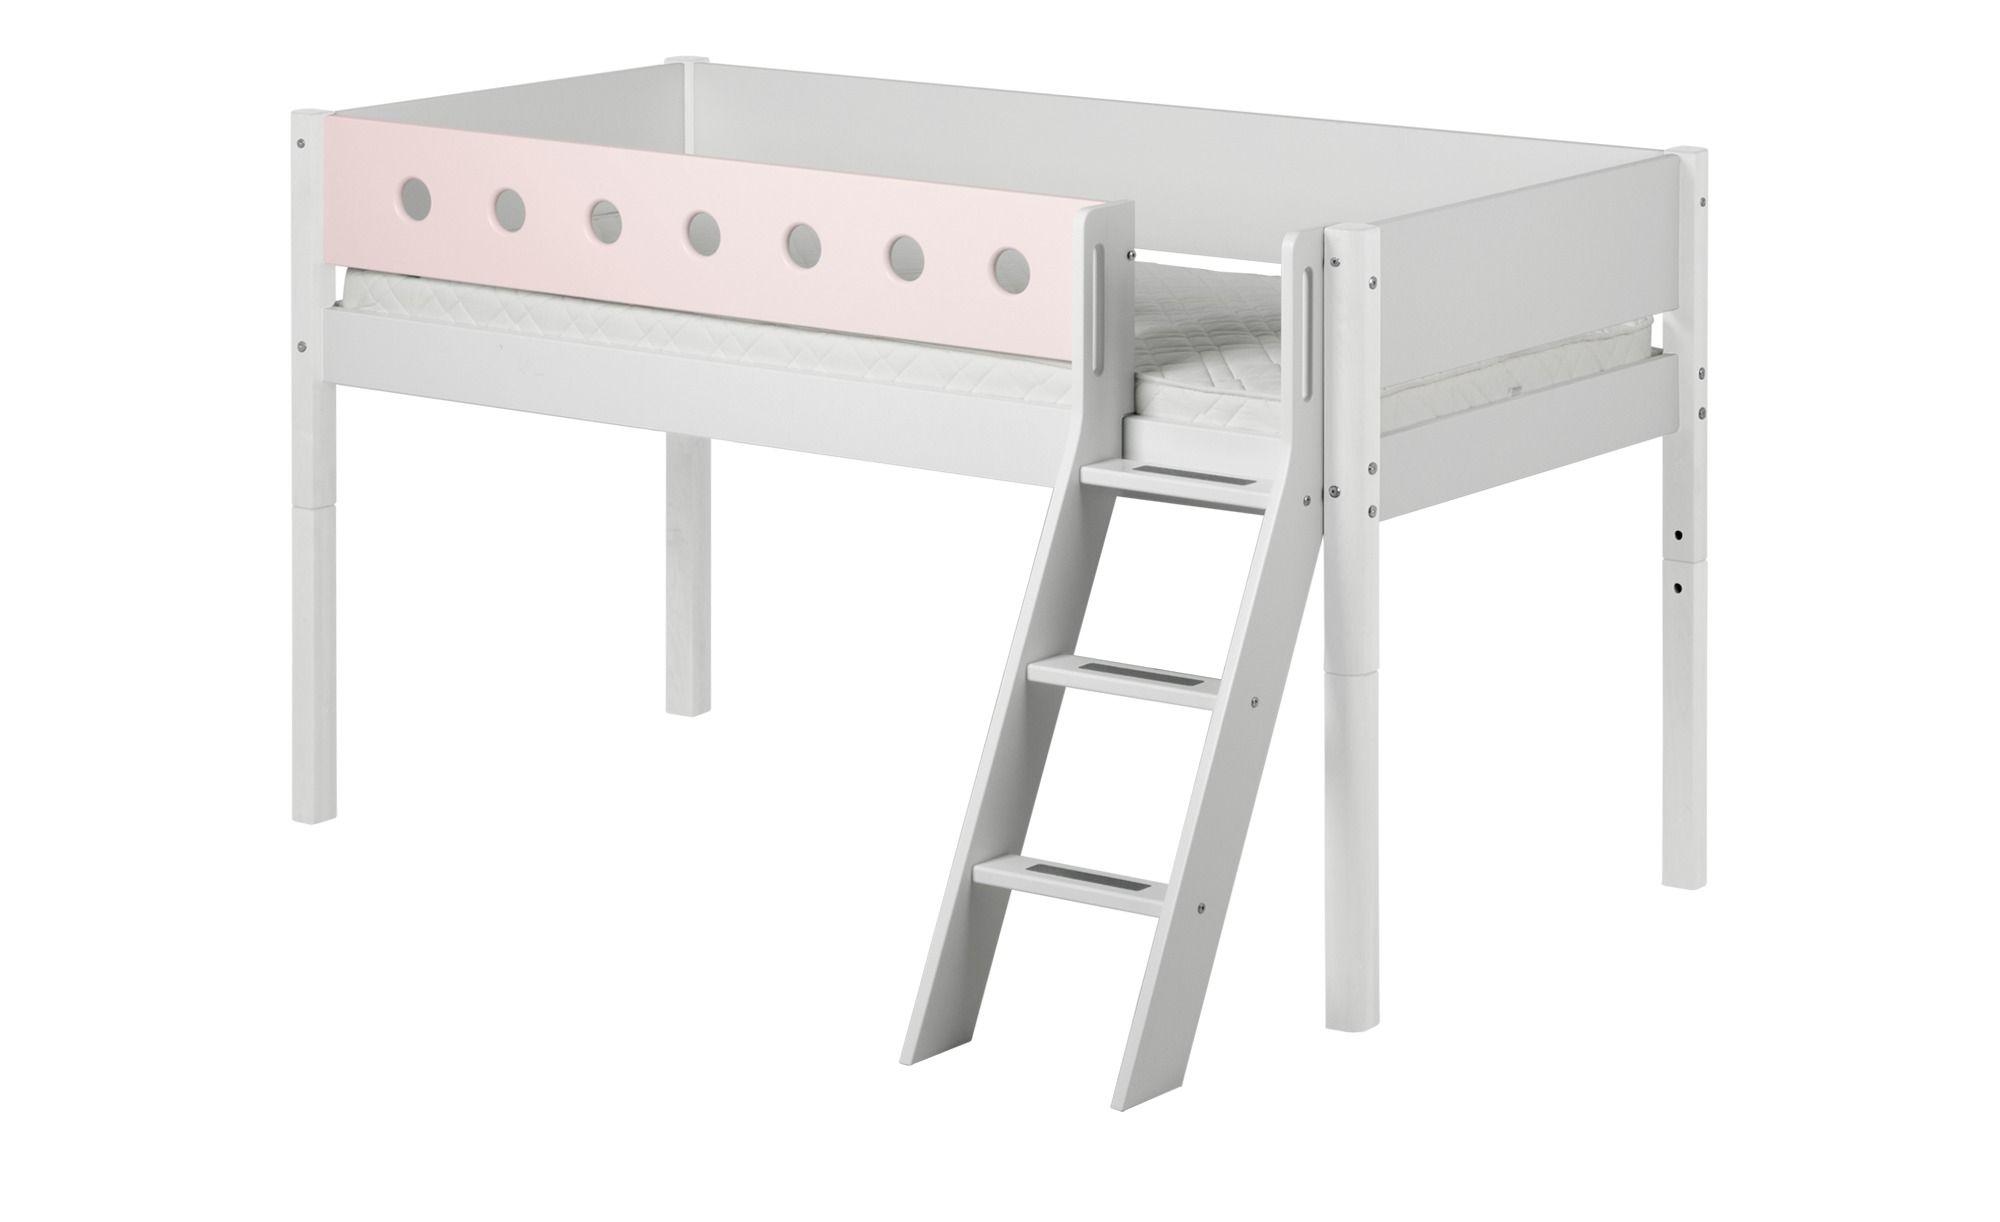 Flexa Halbhohes Bett 90x200 Weiss Flexa White Kinder Bett Kinderbett Bett Ideen